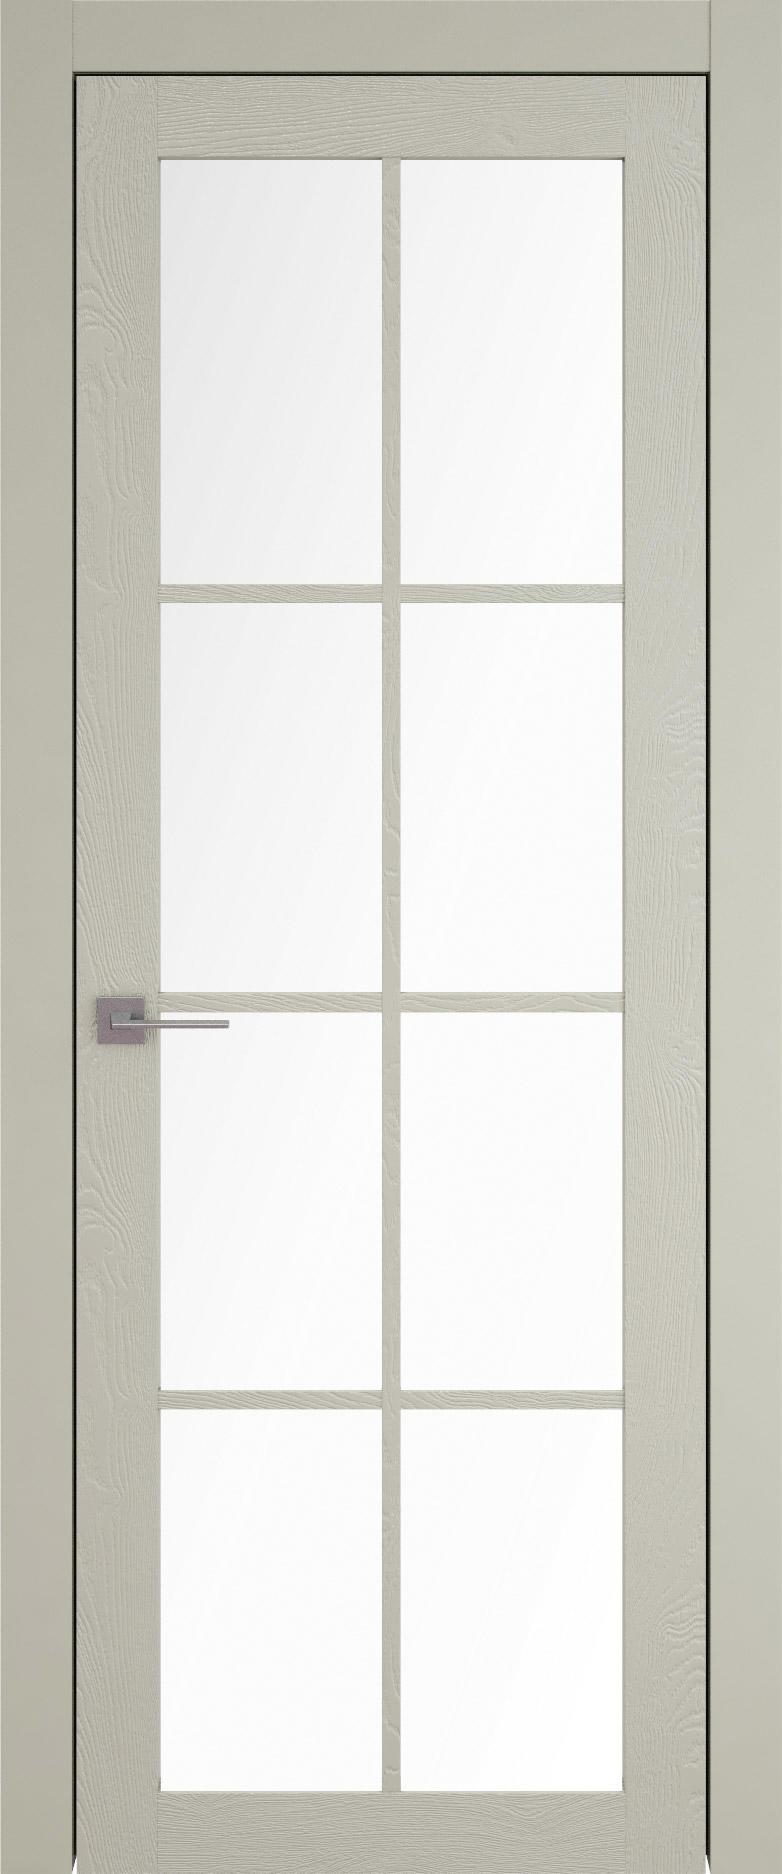 Tivoli З-5 цвет - Серо-оливковая эмаль по шпону (RAL 7032) Со стеклом (ДО)